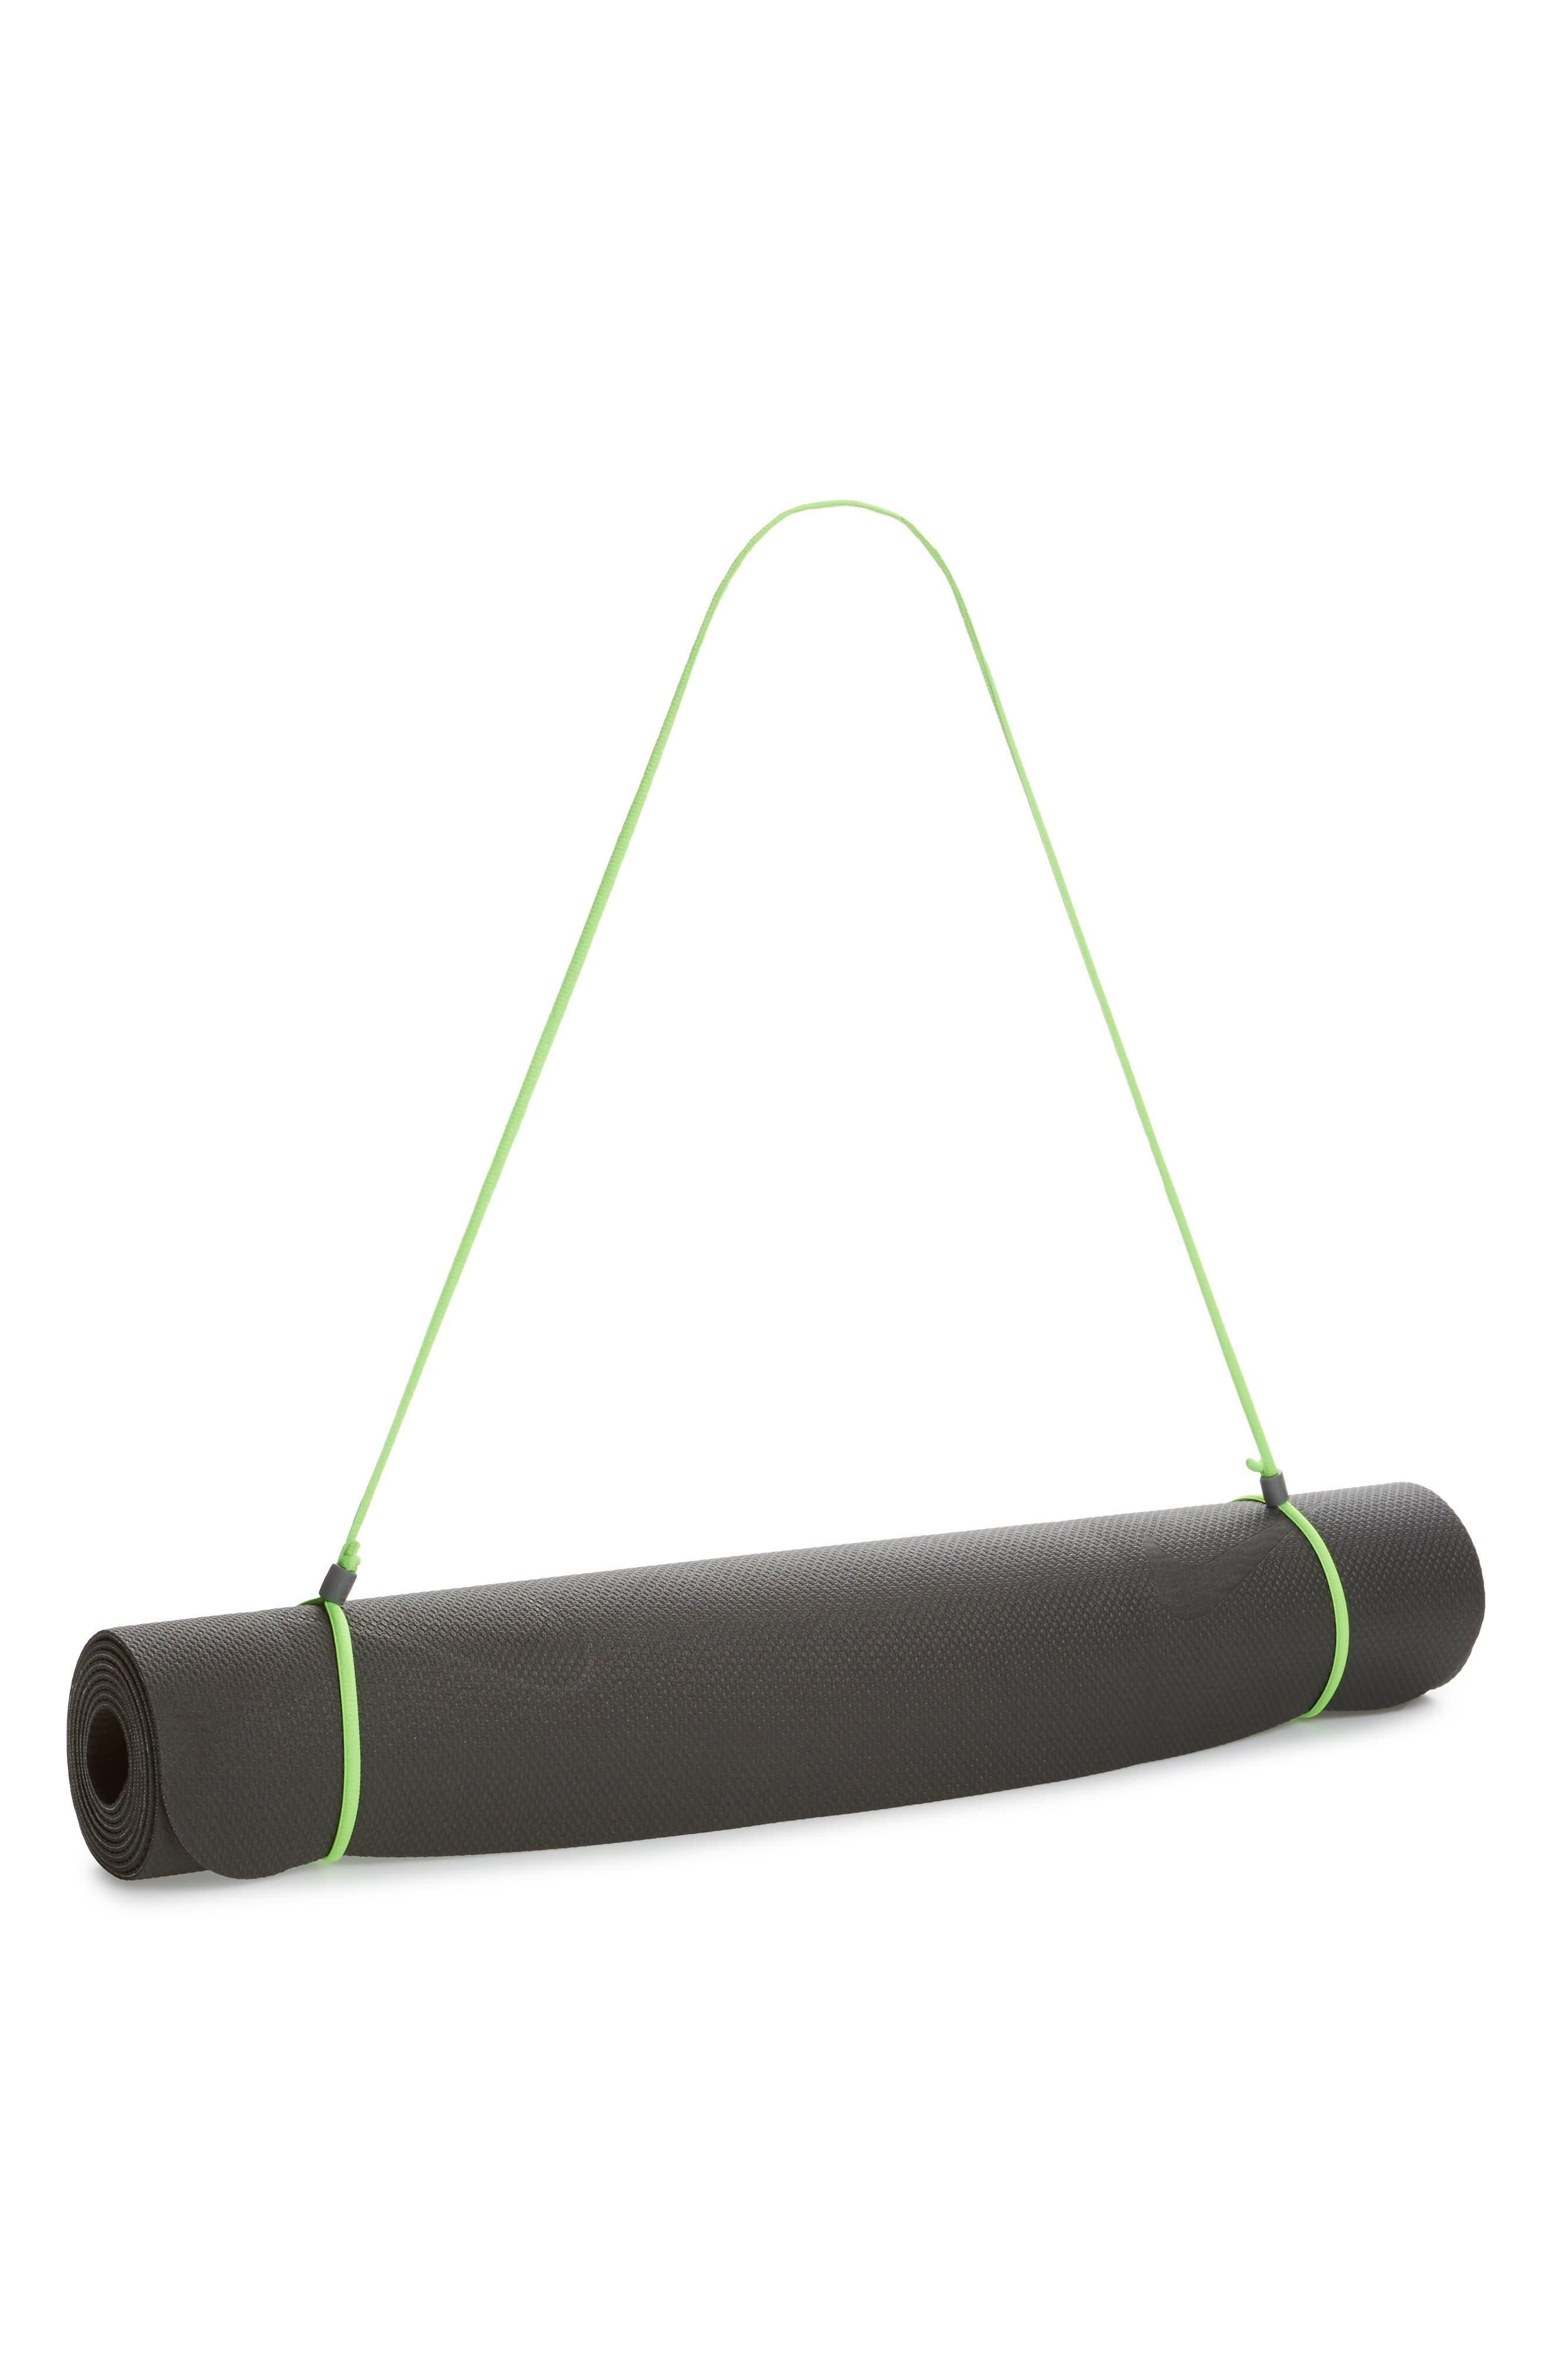 Nike Fundamental 3mm Foam Yoga Mat